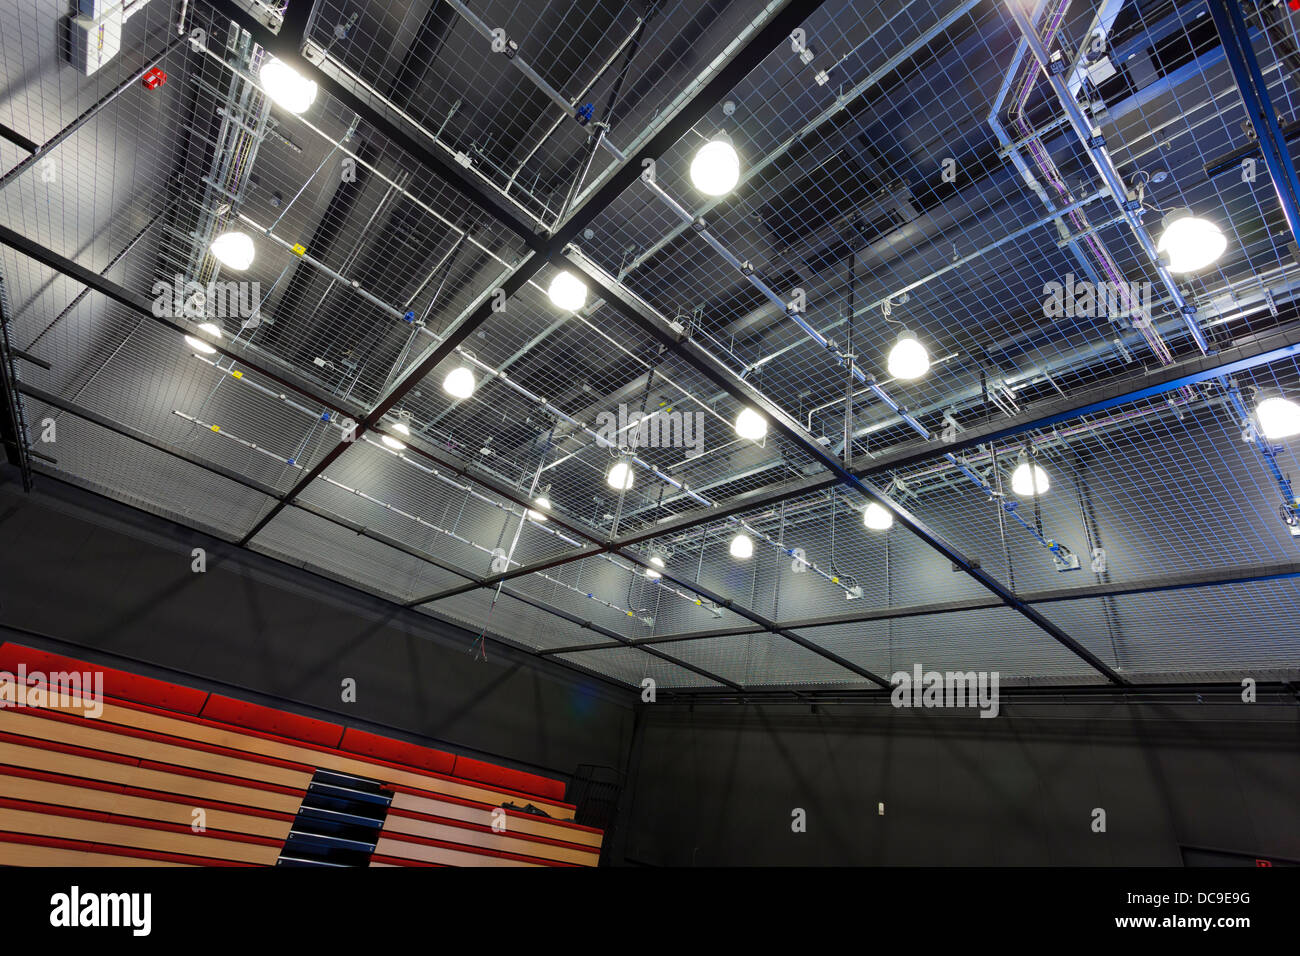 mesh mezzanine floor to access lighting rig in school theatre & mesh mezzanine floor to access lighting rig in school theatre ... azcodes.com